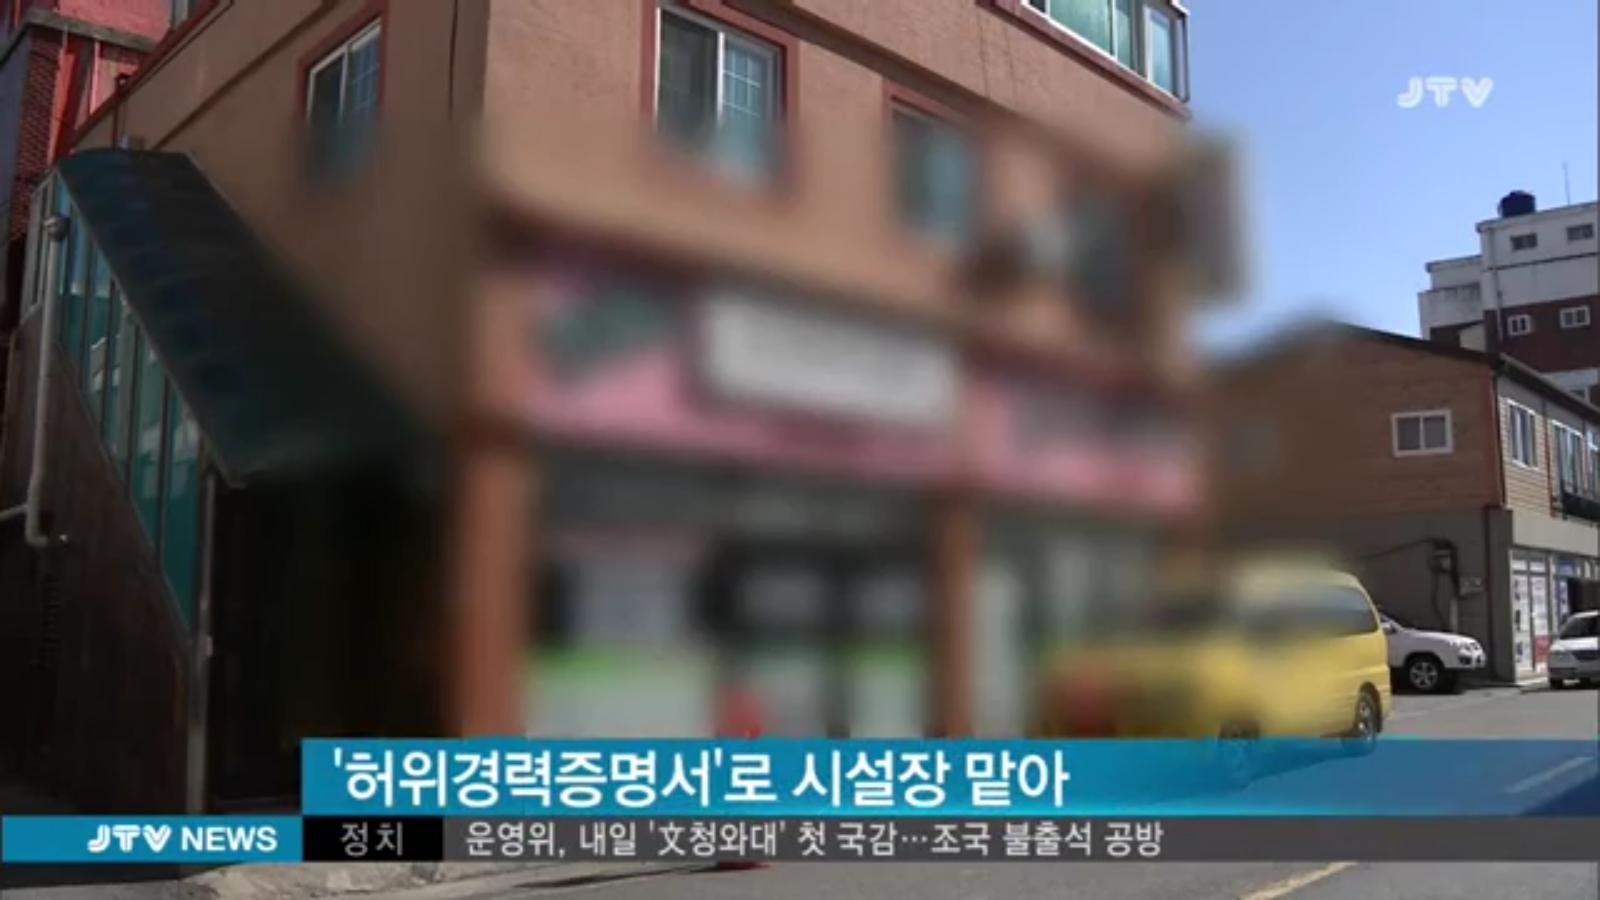 [17.11.05 JTV] 봉침목사 시설 모태인 단체도 설립부터 '엉터리'...줄줄 새는 보조금8.jpg